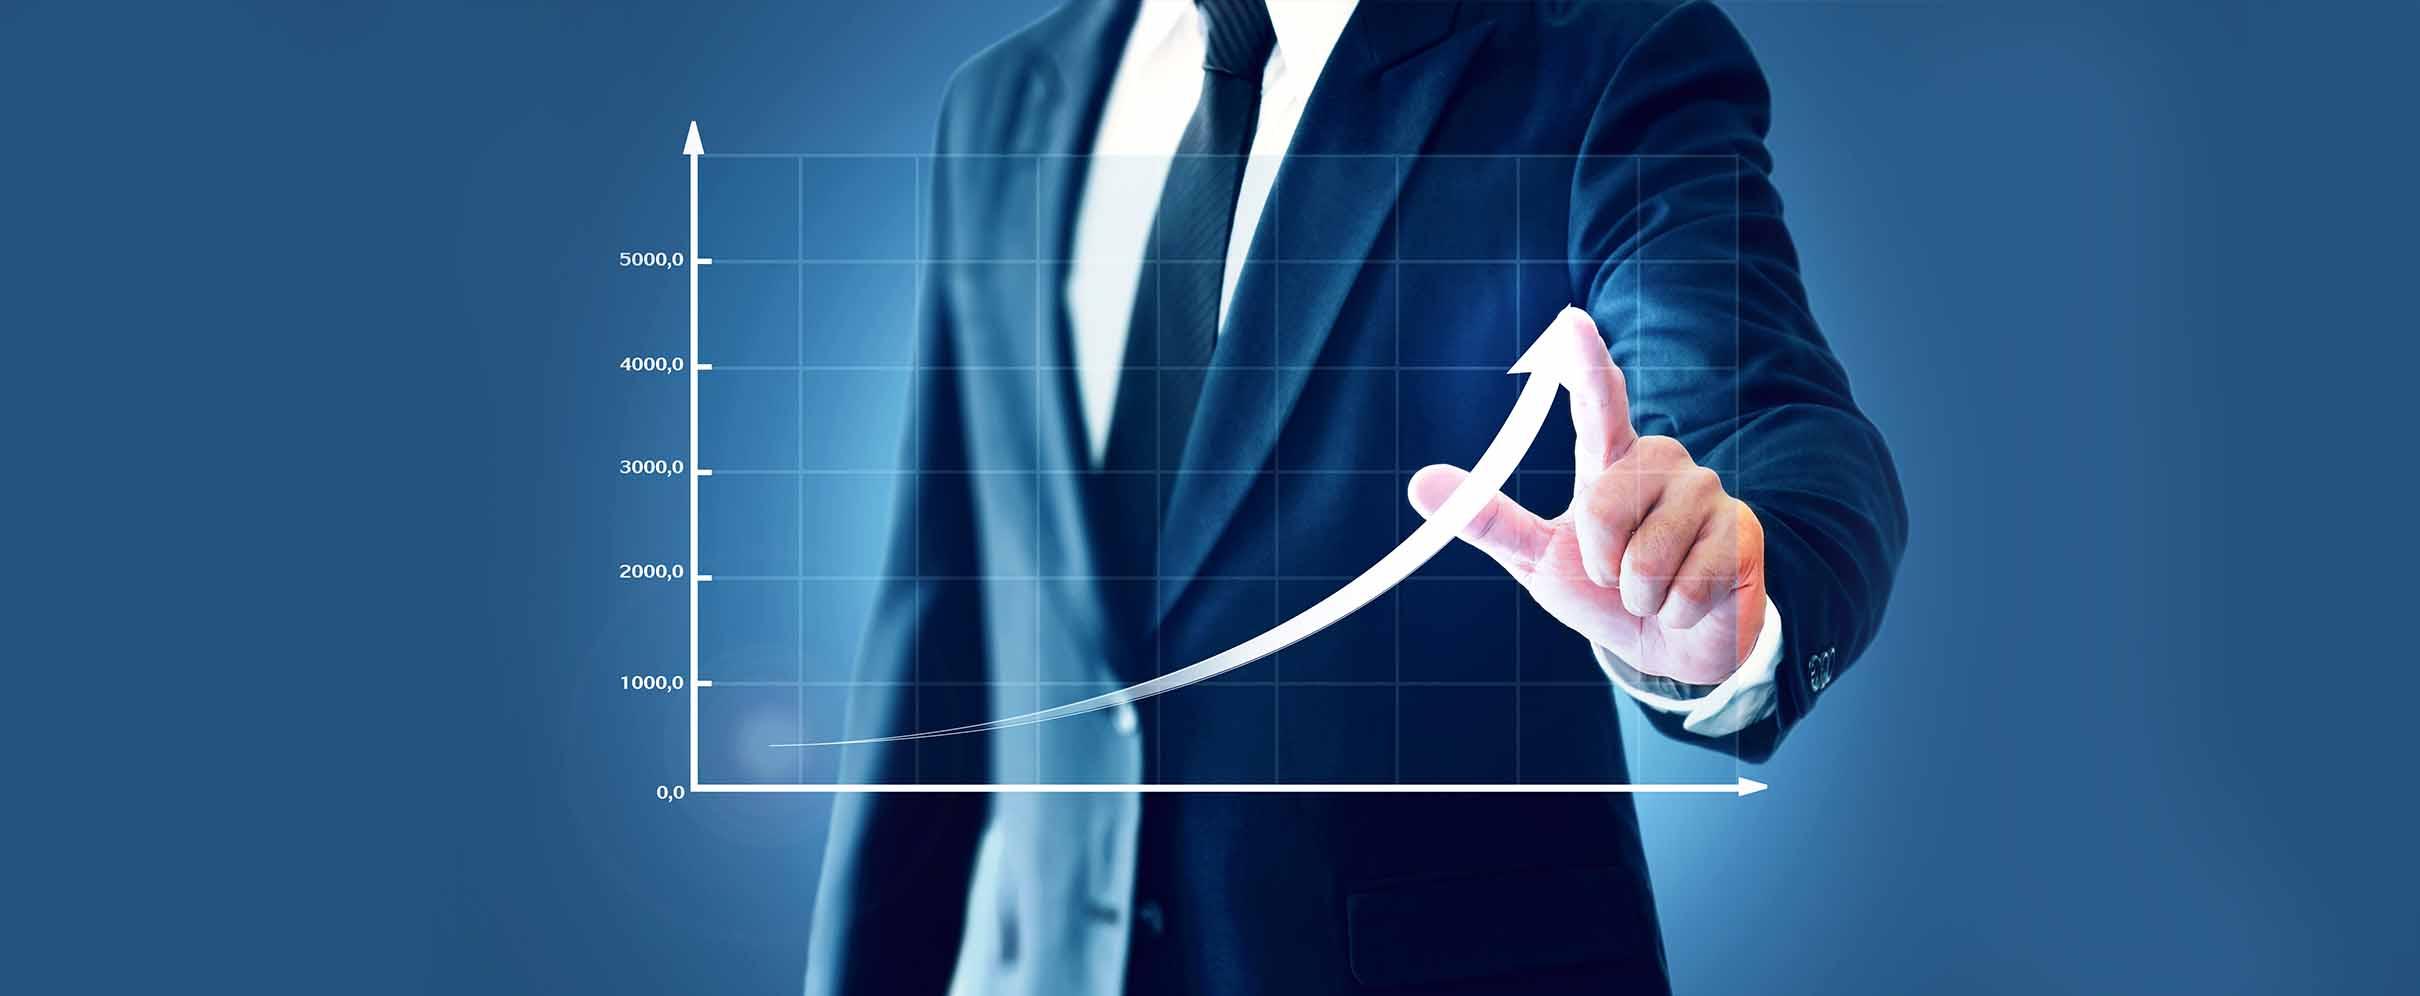 A man leads an arrow across a floating graph.